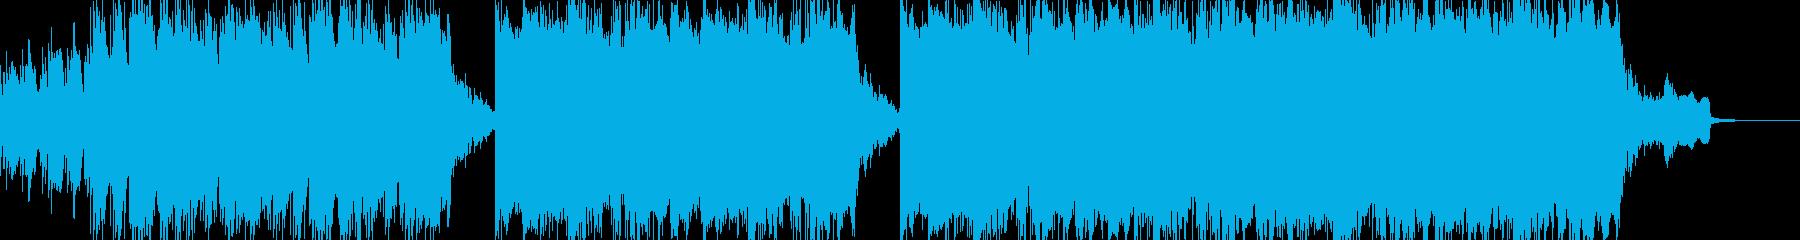 現代の交響曲 劇的な 心に強く訴え...の再生済みの波形